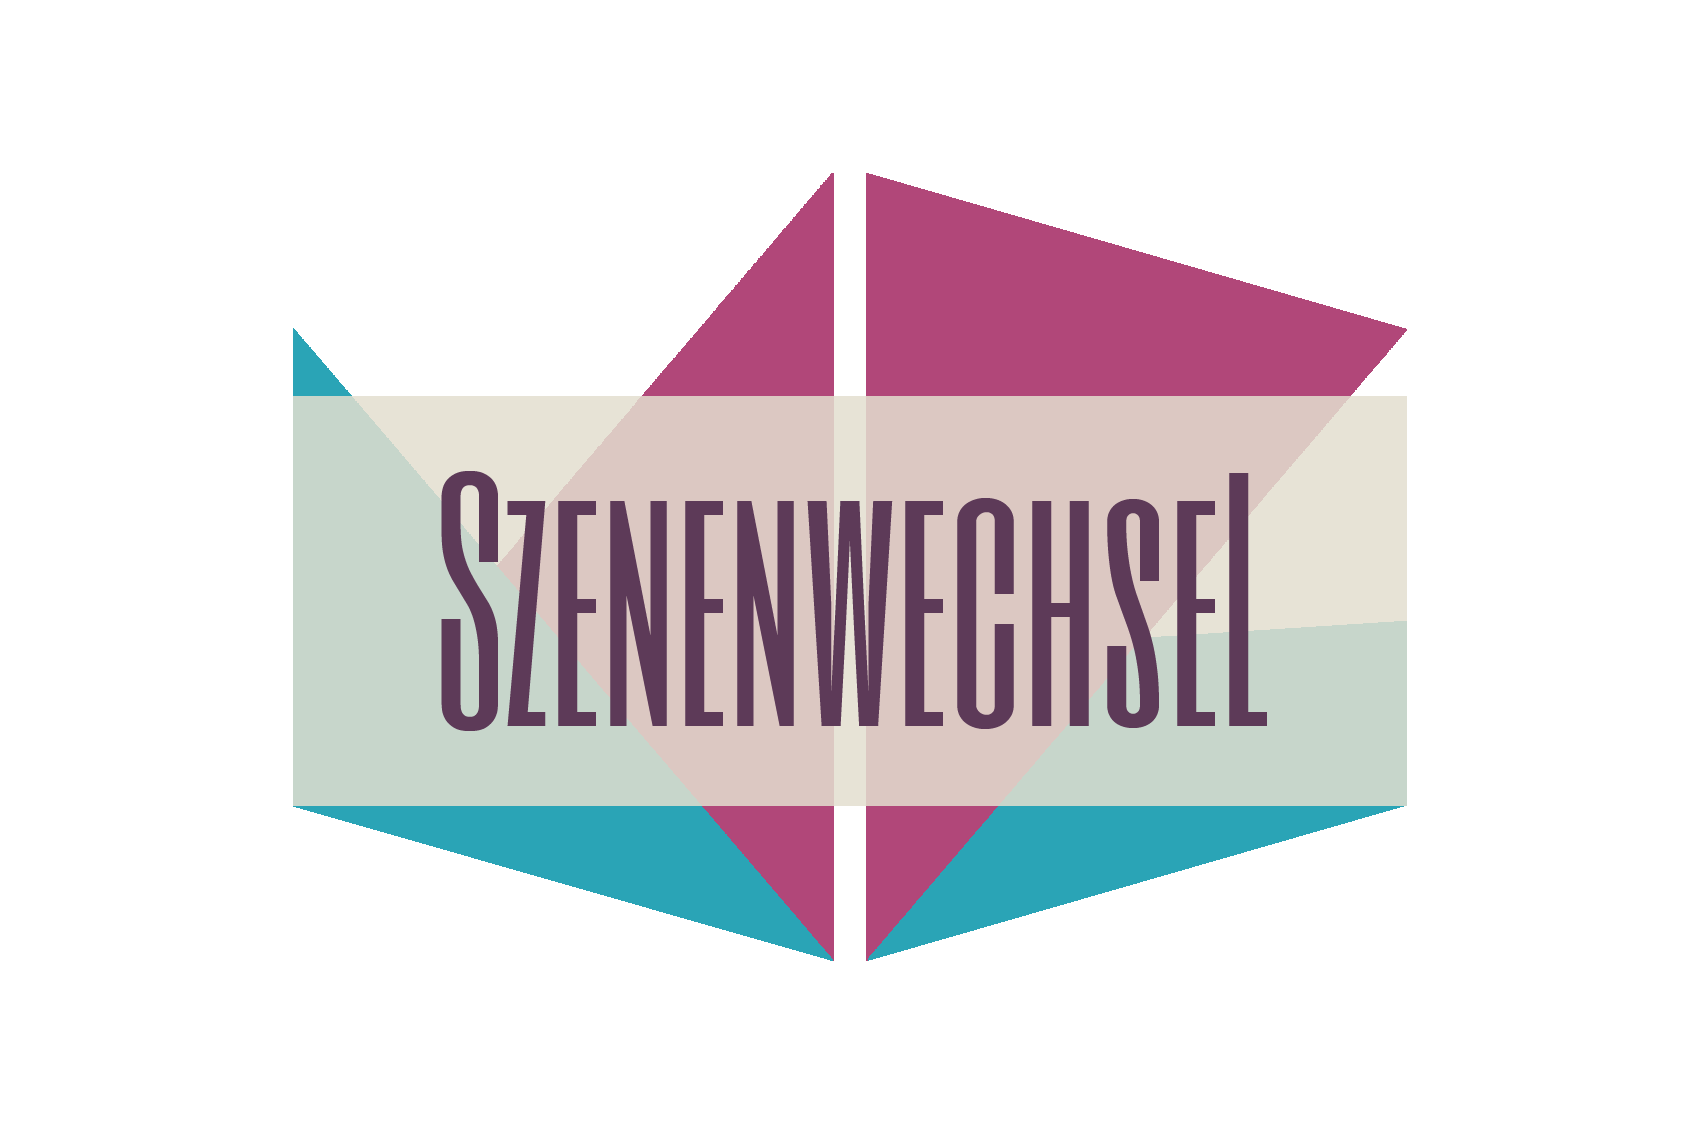 Szenenwechsekl logo